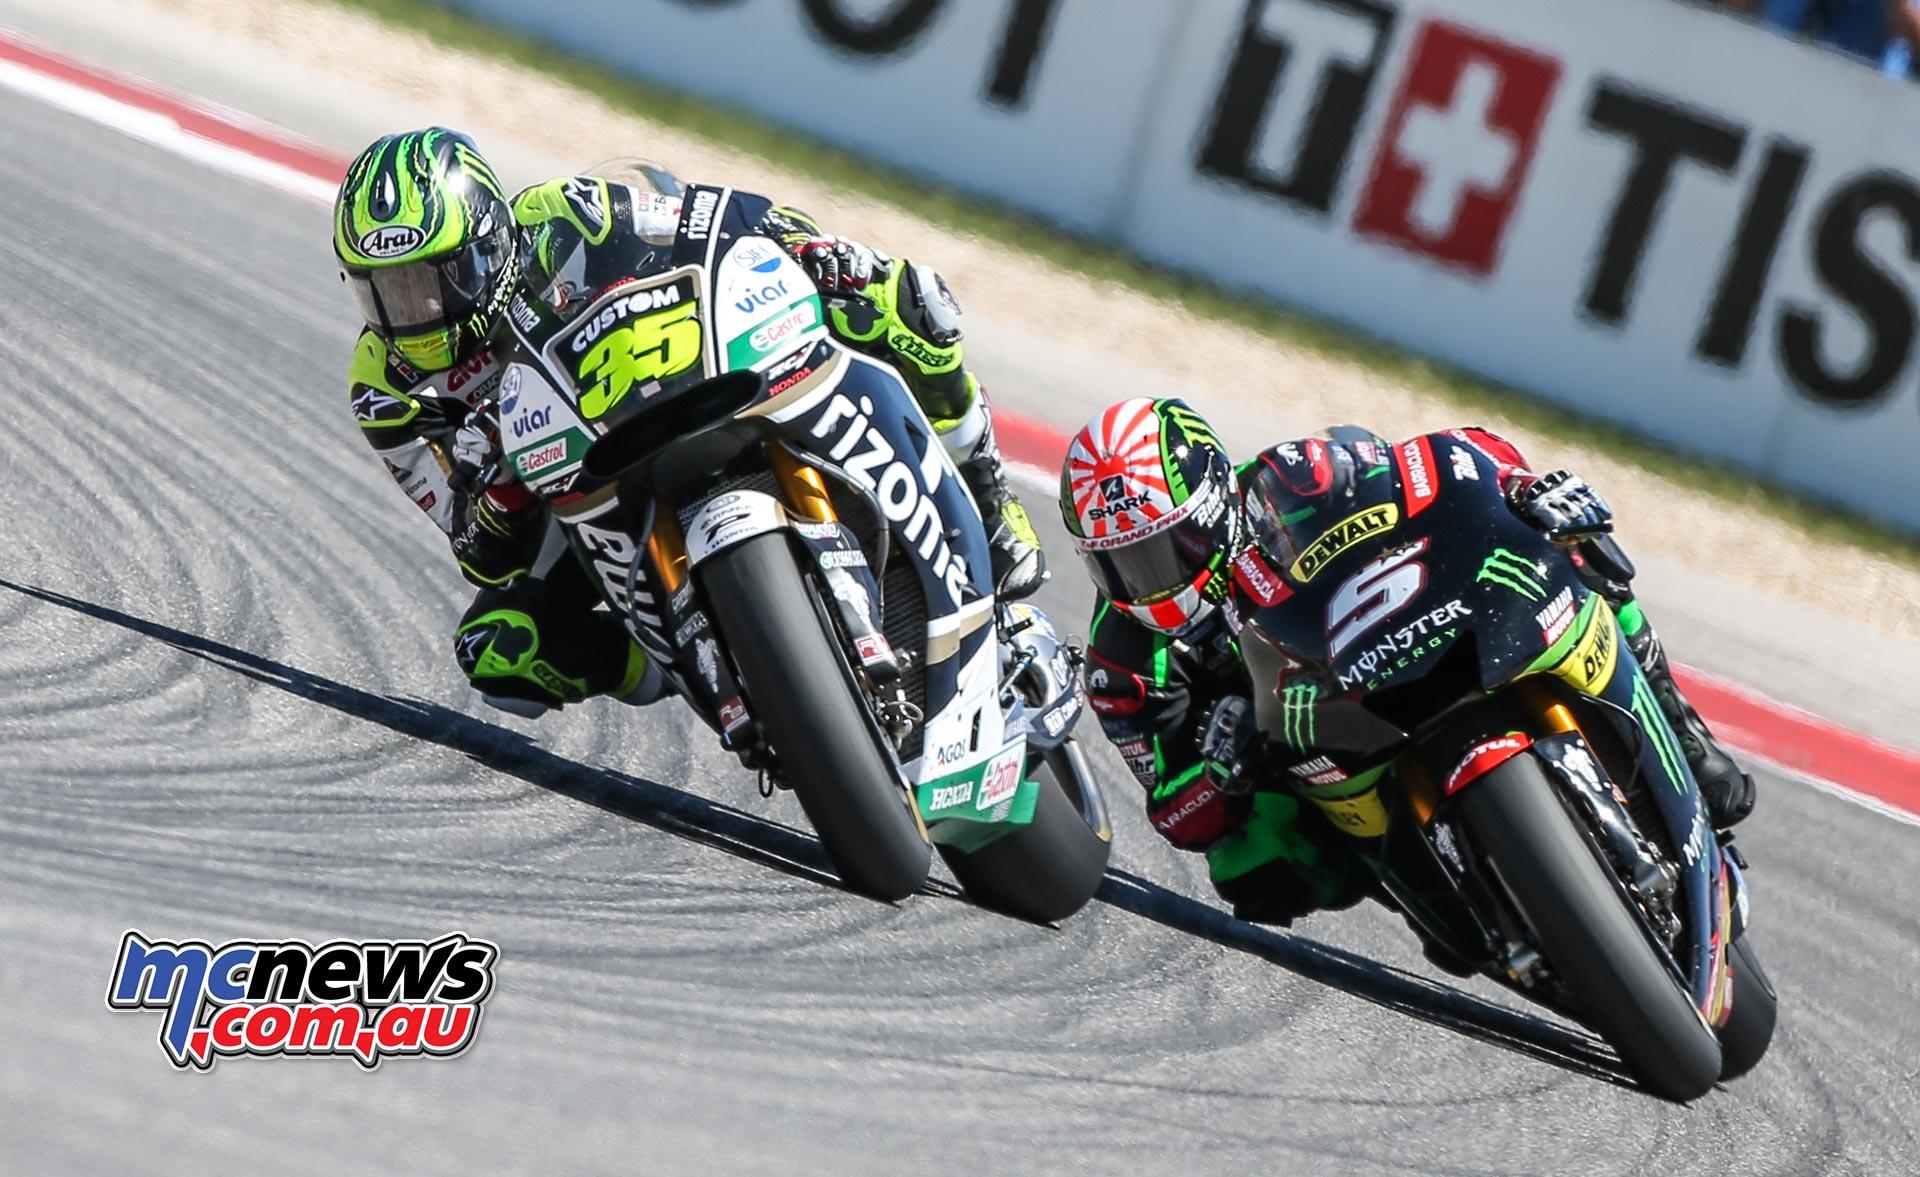 MotoGP-2017-Rnd3-COTA-Crutchlow-Zarco.jpg